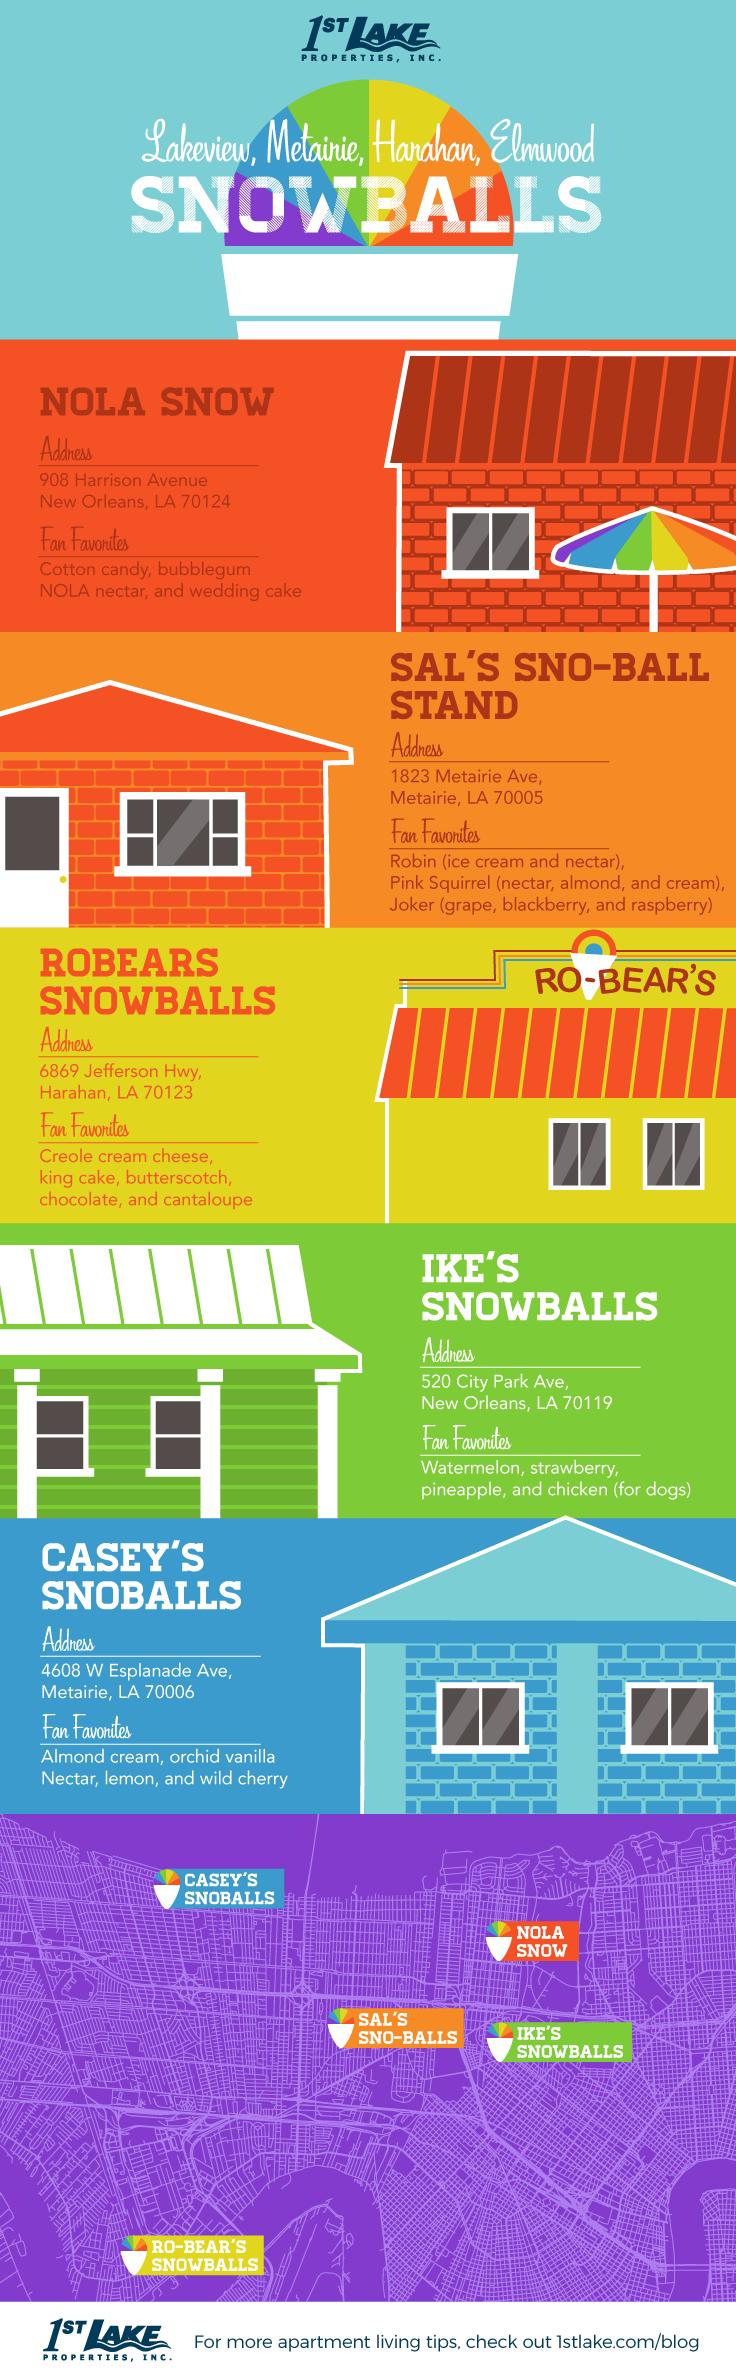 FLP_Snoball_infographic_081516_v1